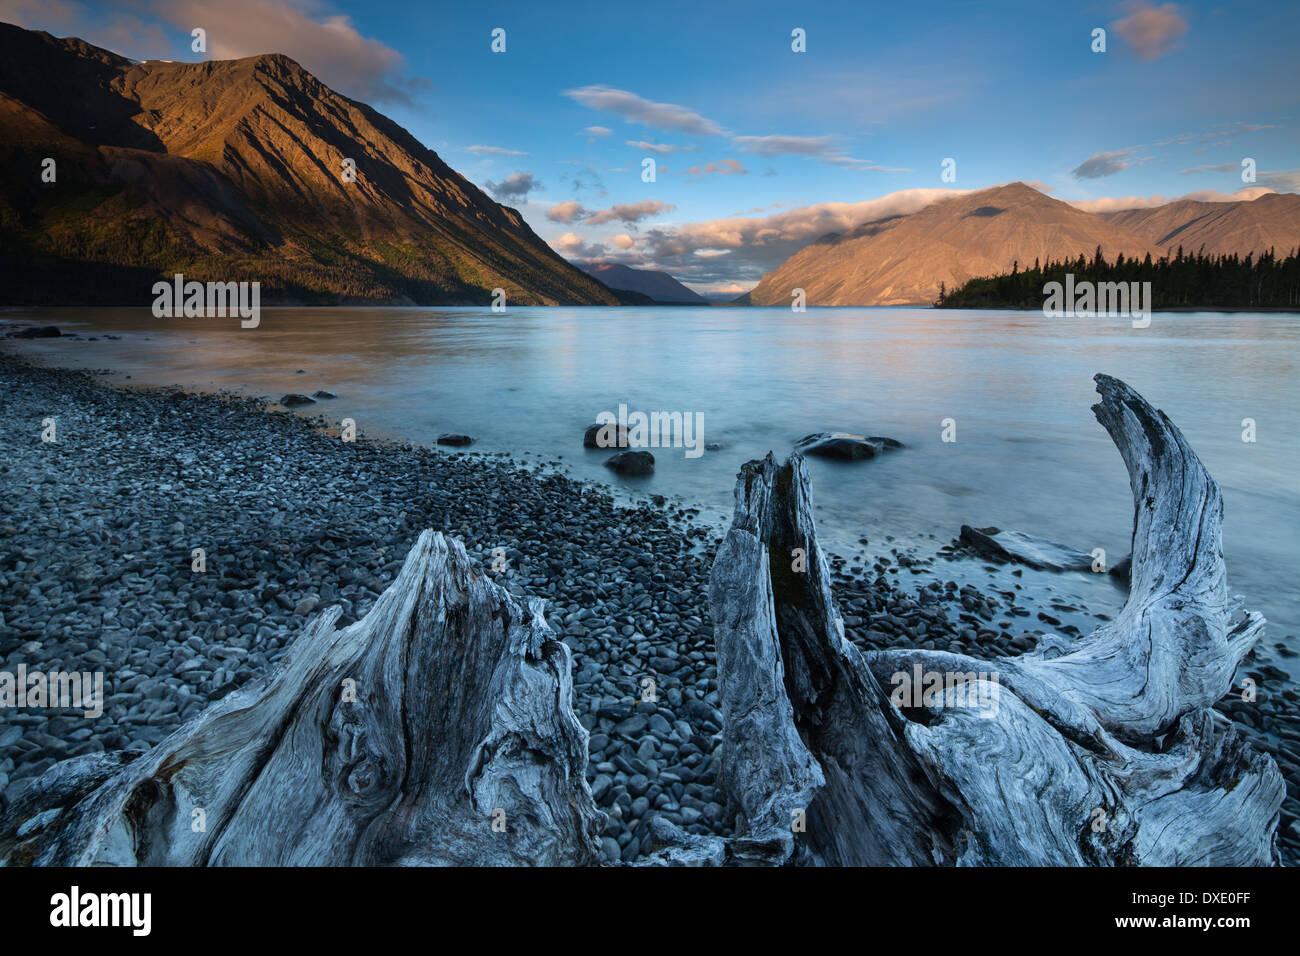 Kathleen Lago al amanecer, Kluane Parque Nacional, los Territorios del Yukón, Canadá Imagen De Stock